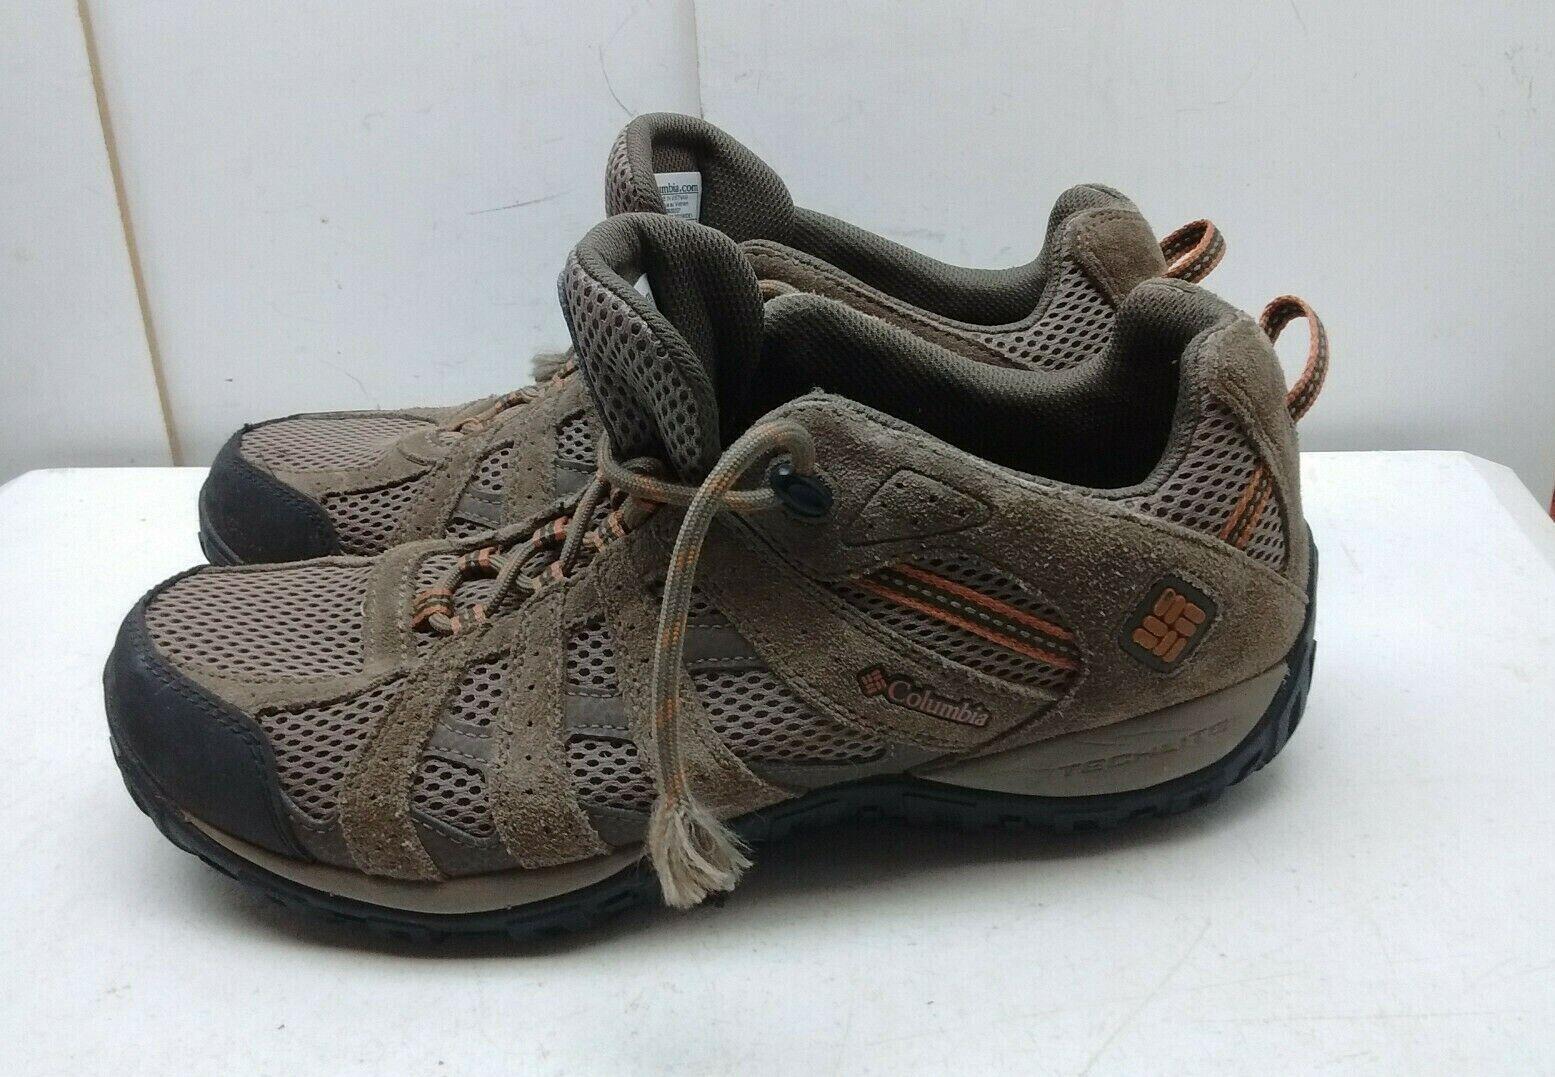 Columbia Luz Marrón Cuero Con Cordones Zapatillas Zapatos Para Hombre Senderismo Atléticos 11M 44